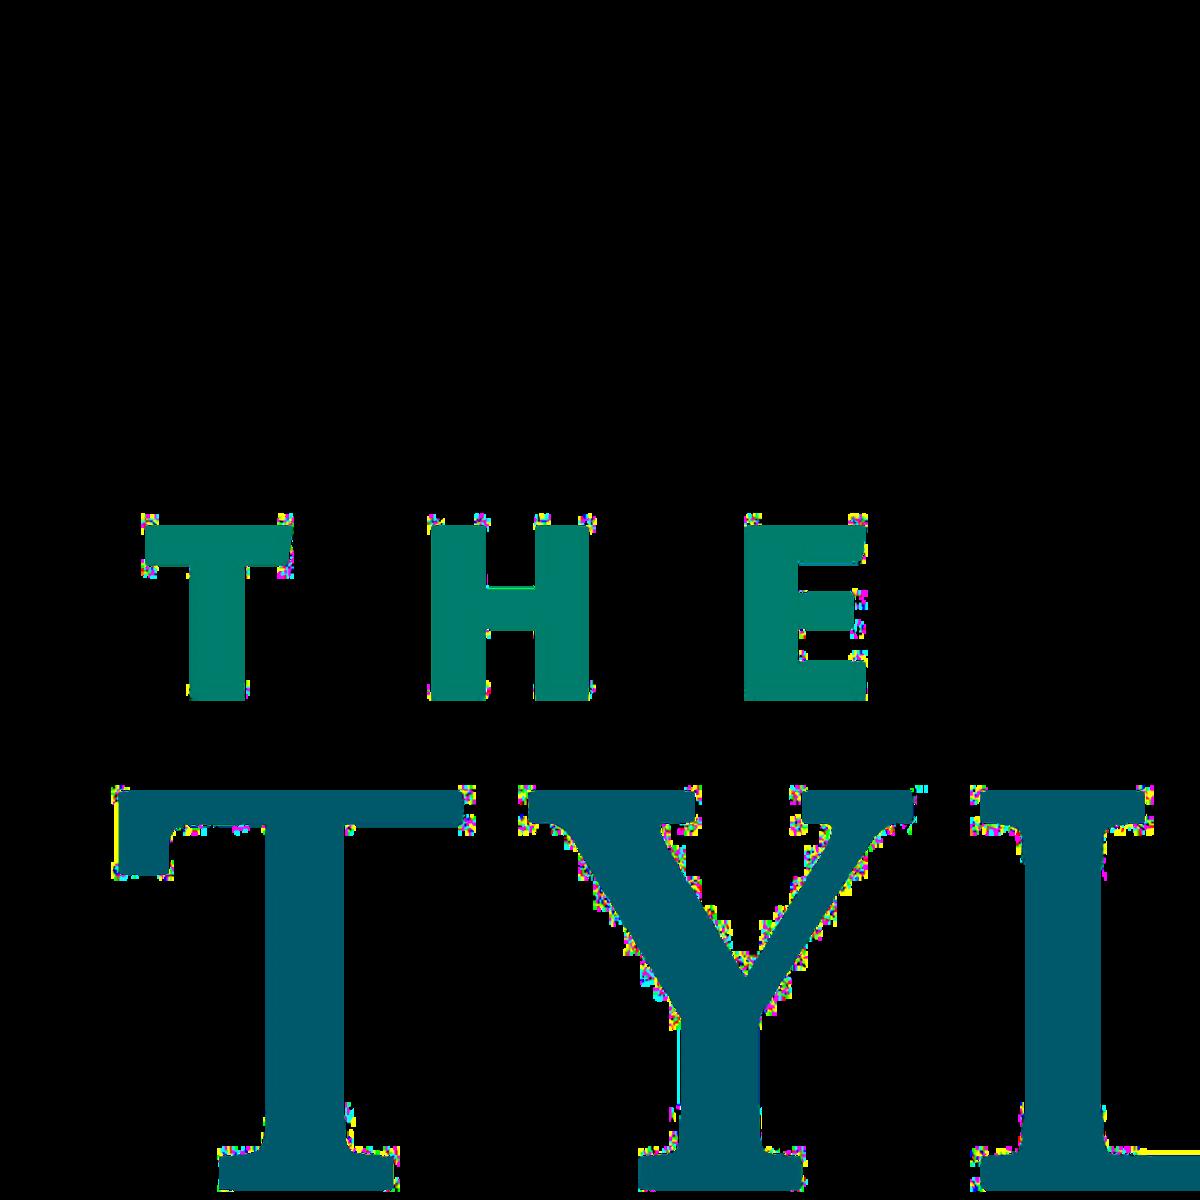 Rentnet Com: The Tyler East Haven, CT - Contact Us